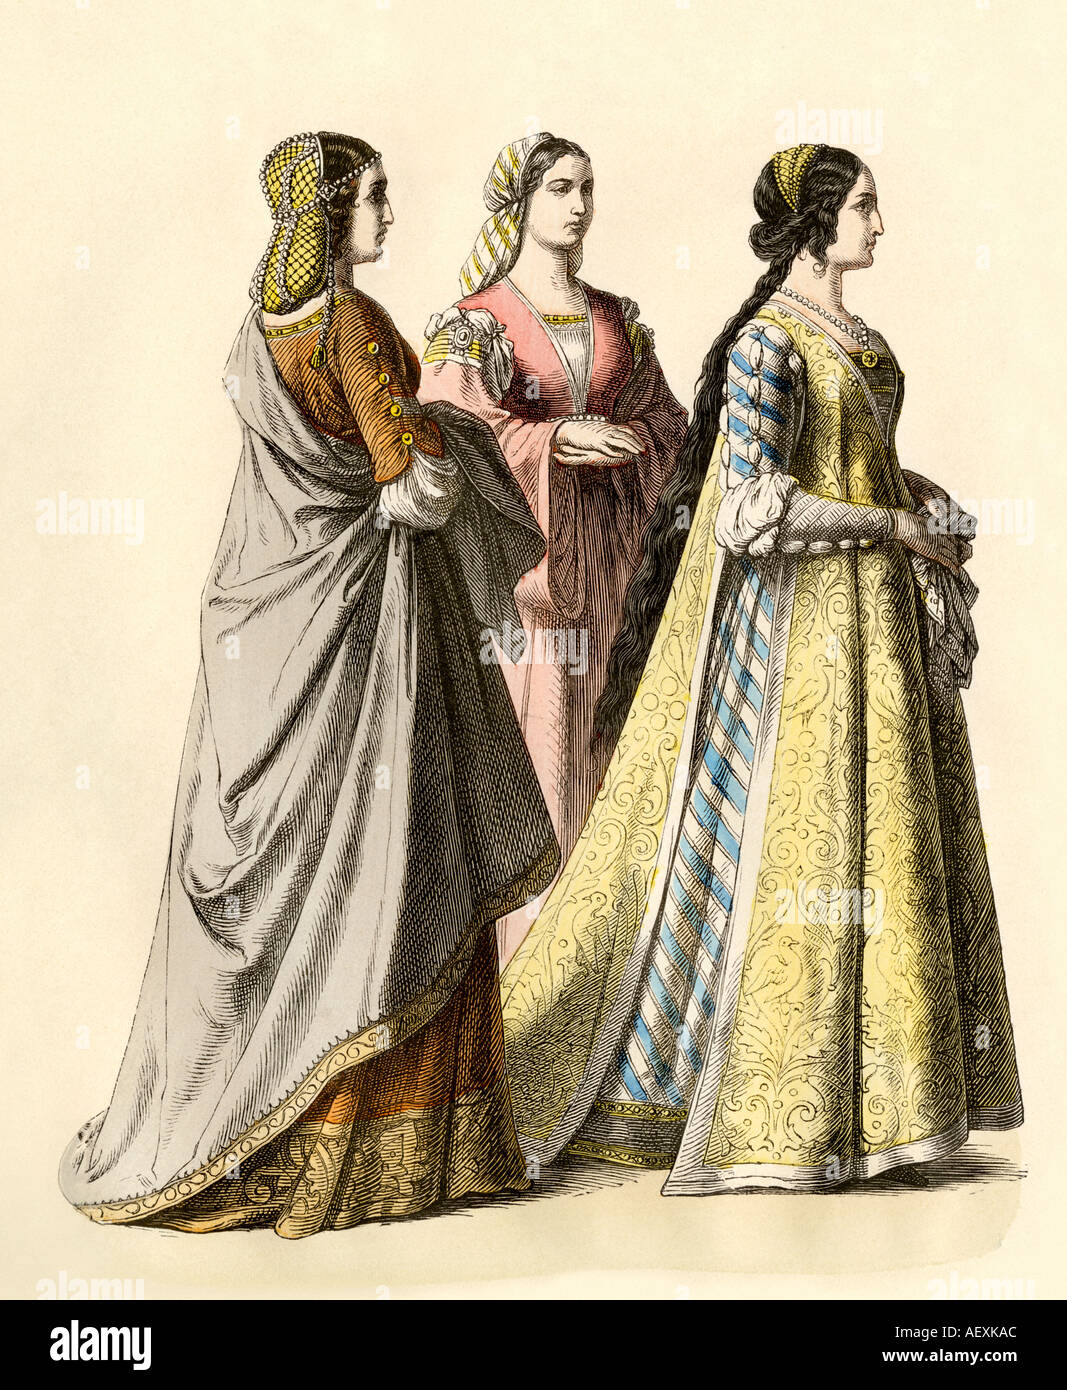 Damas nobles de Florencia durante el Renacimiento o a comienzos de 1400. Mano de color imprimir Imagen De Stock